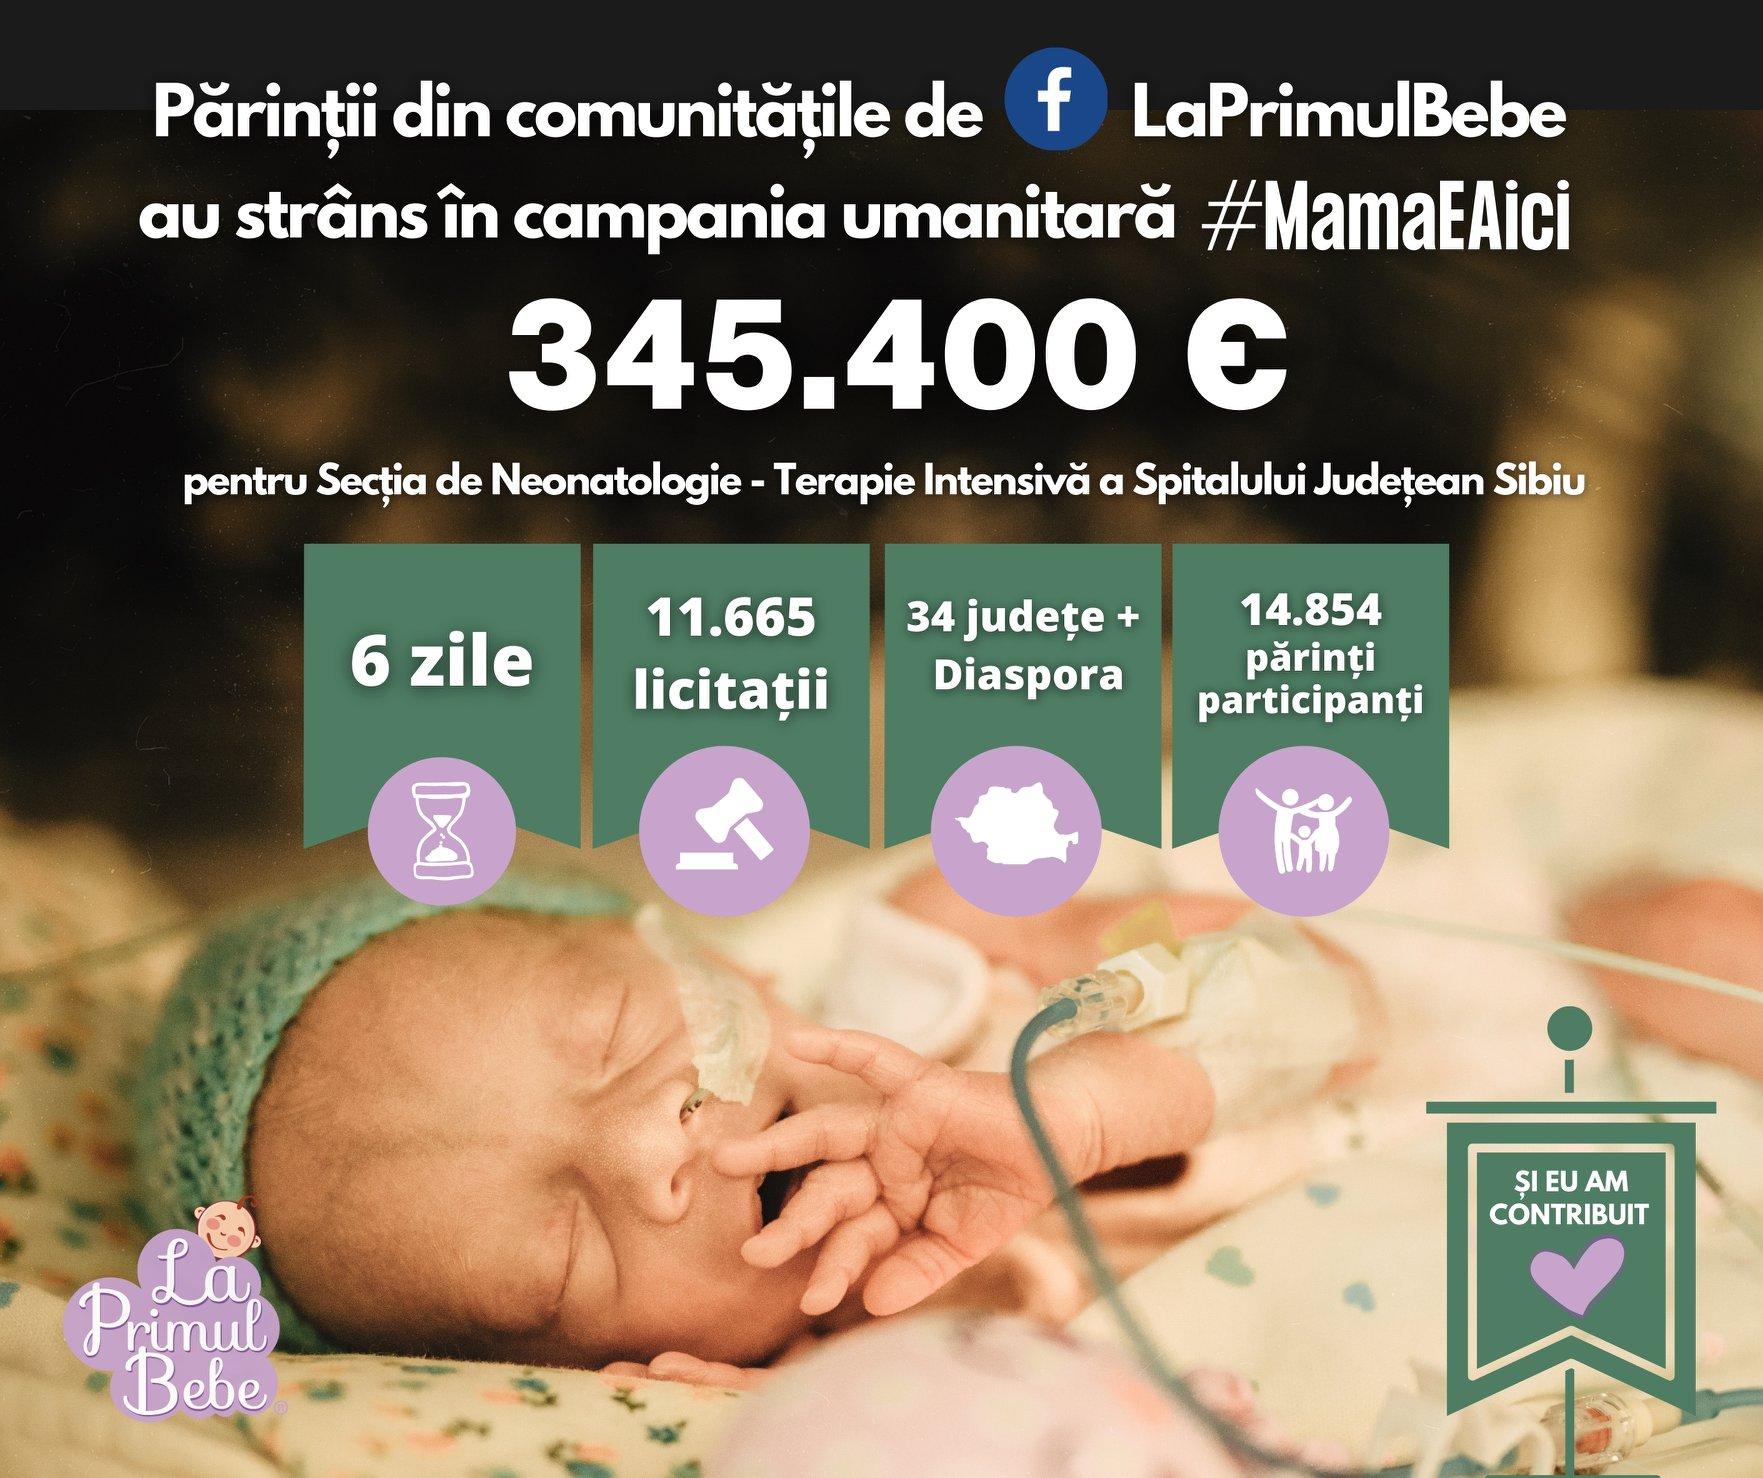 """Peste 340.000 de euro strânși în campania """"MamaEAici"""": Secția de Neonatologie va avea sistem video și unul pentru consultații la distanță"""